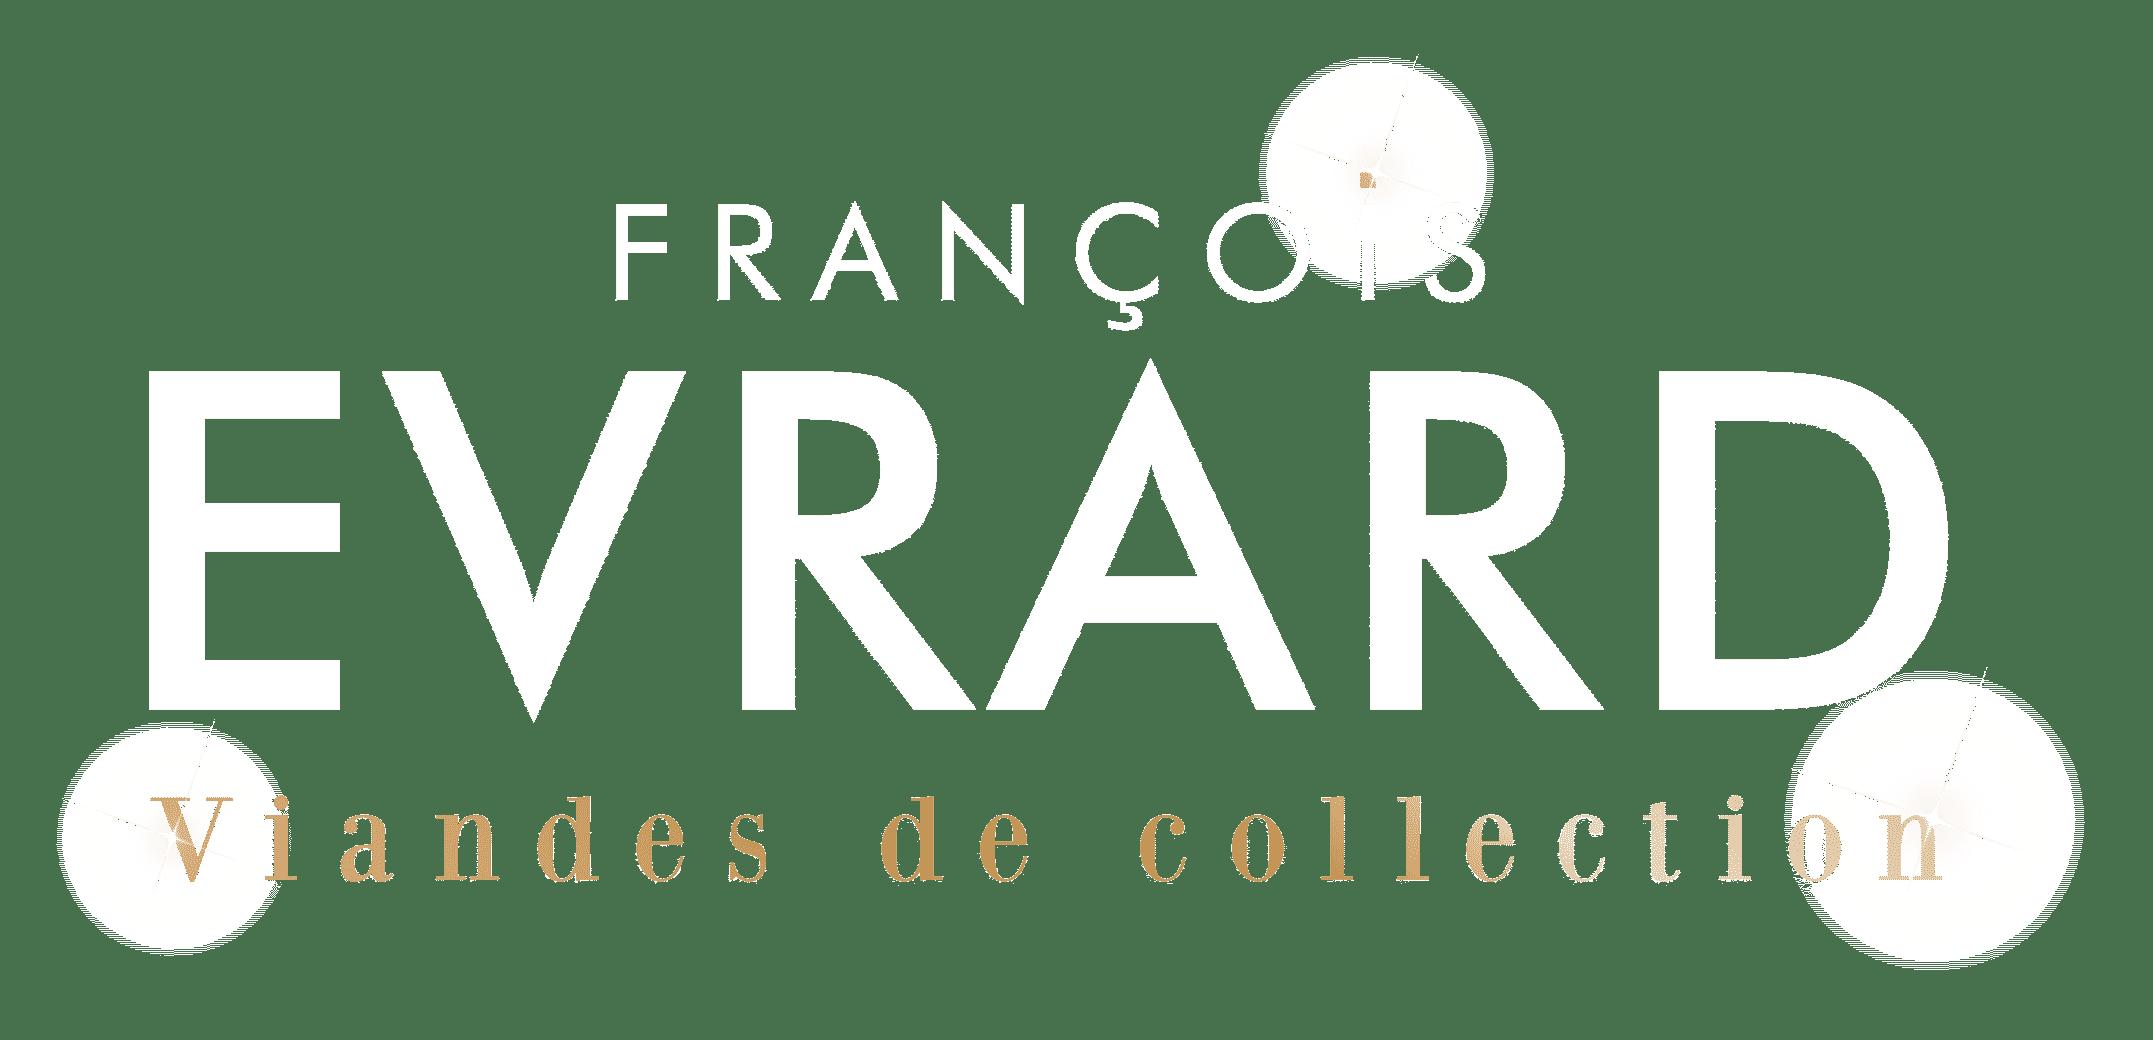 François Evrard